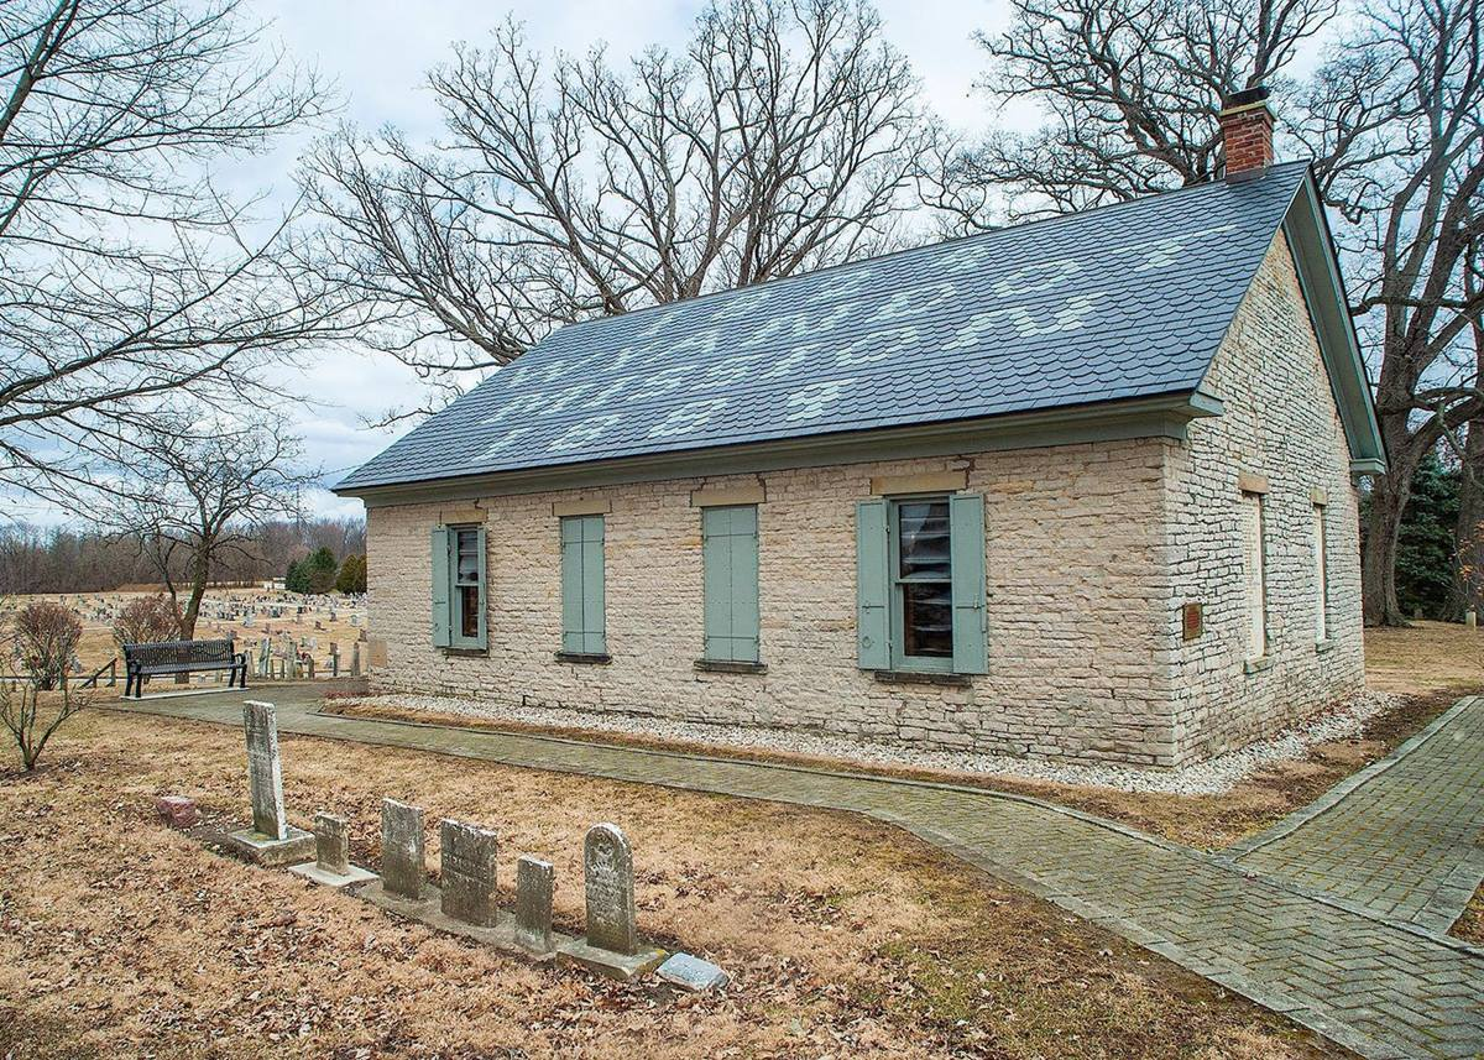 연합감리교회가 와인도트족에게 3에이커의 땅과 교회 건물과 묘지를 반환했다. 사진 제공 윌리엄 스와인, 와인도트족